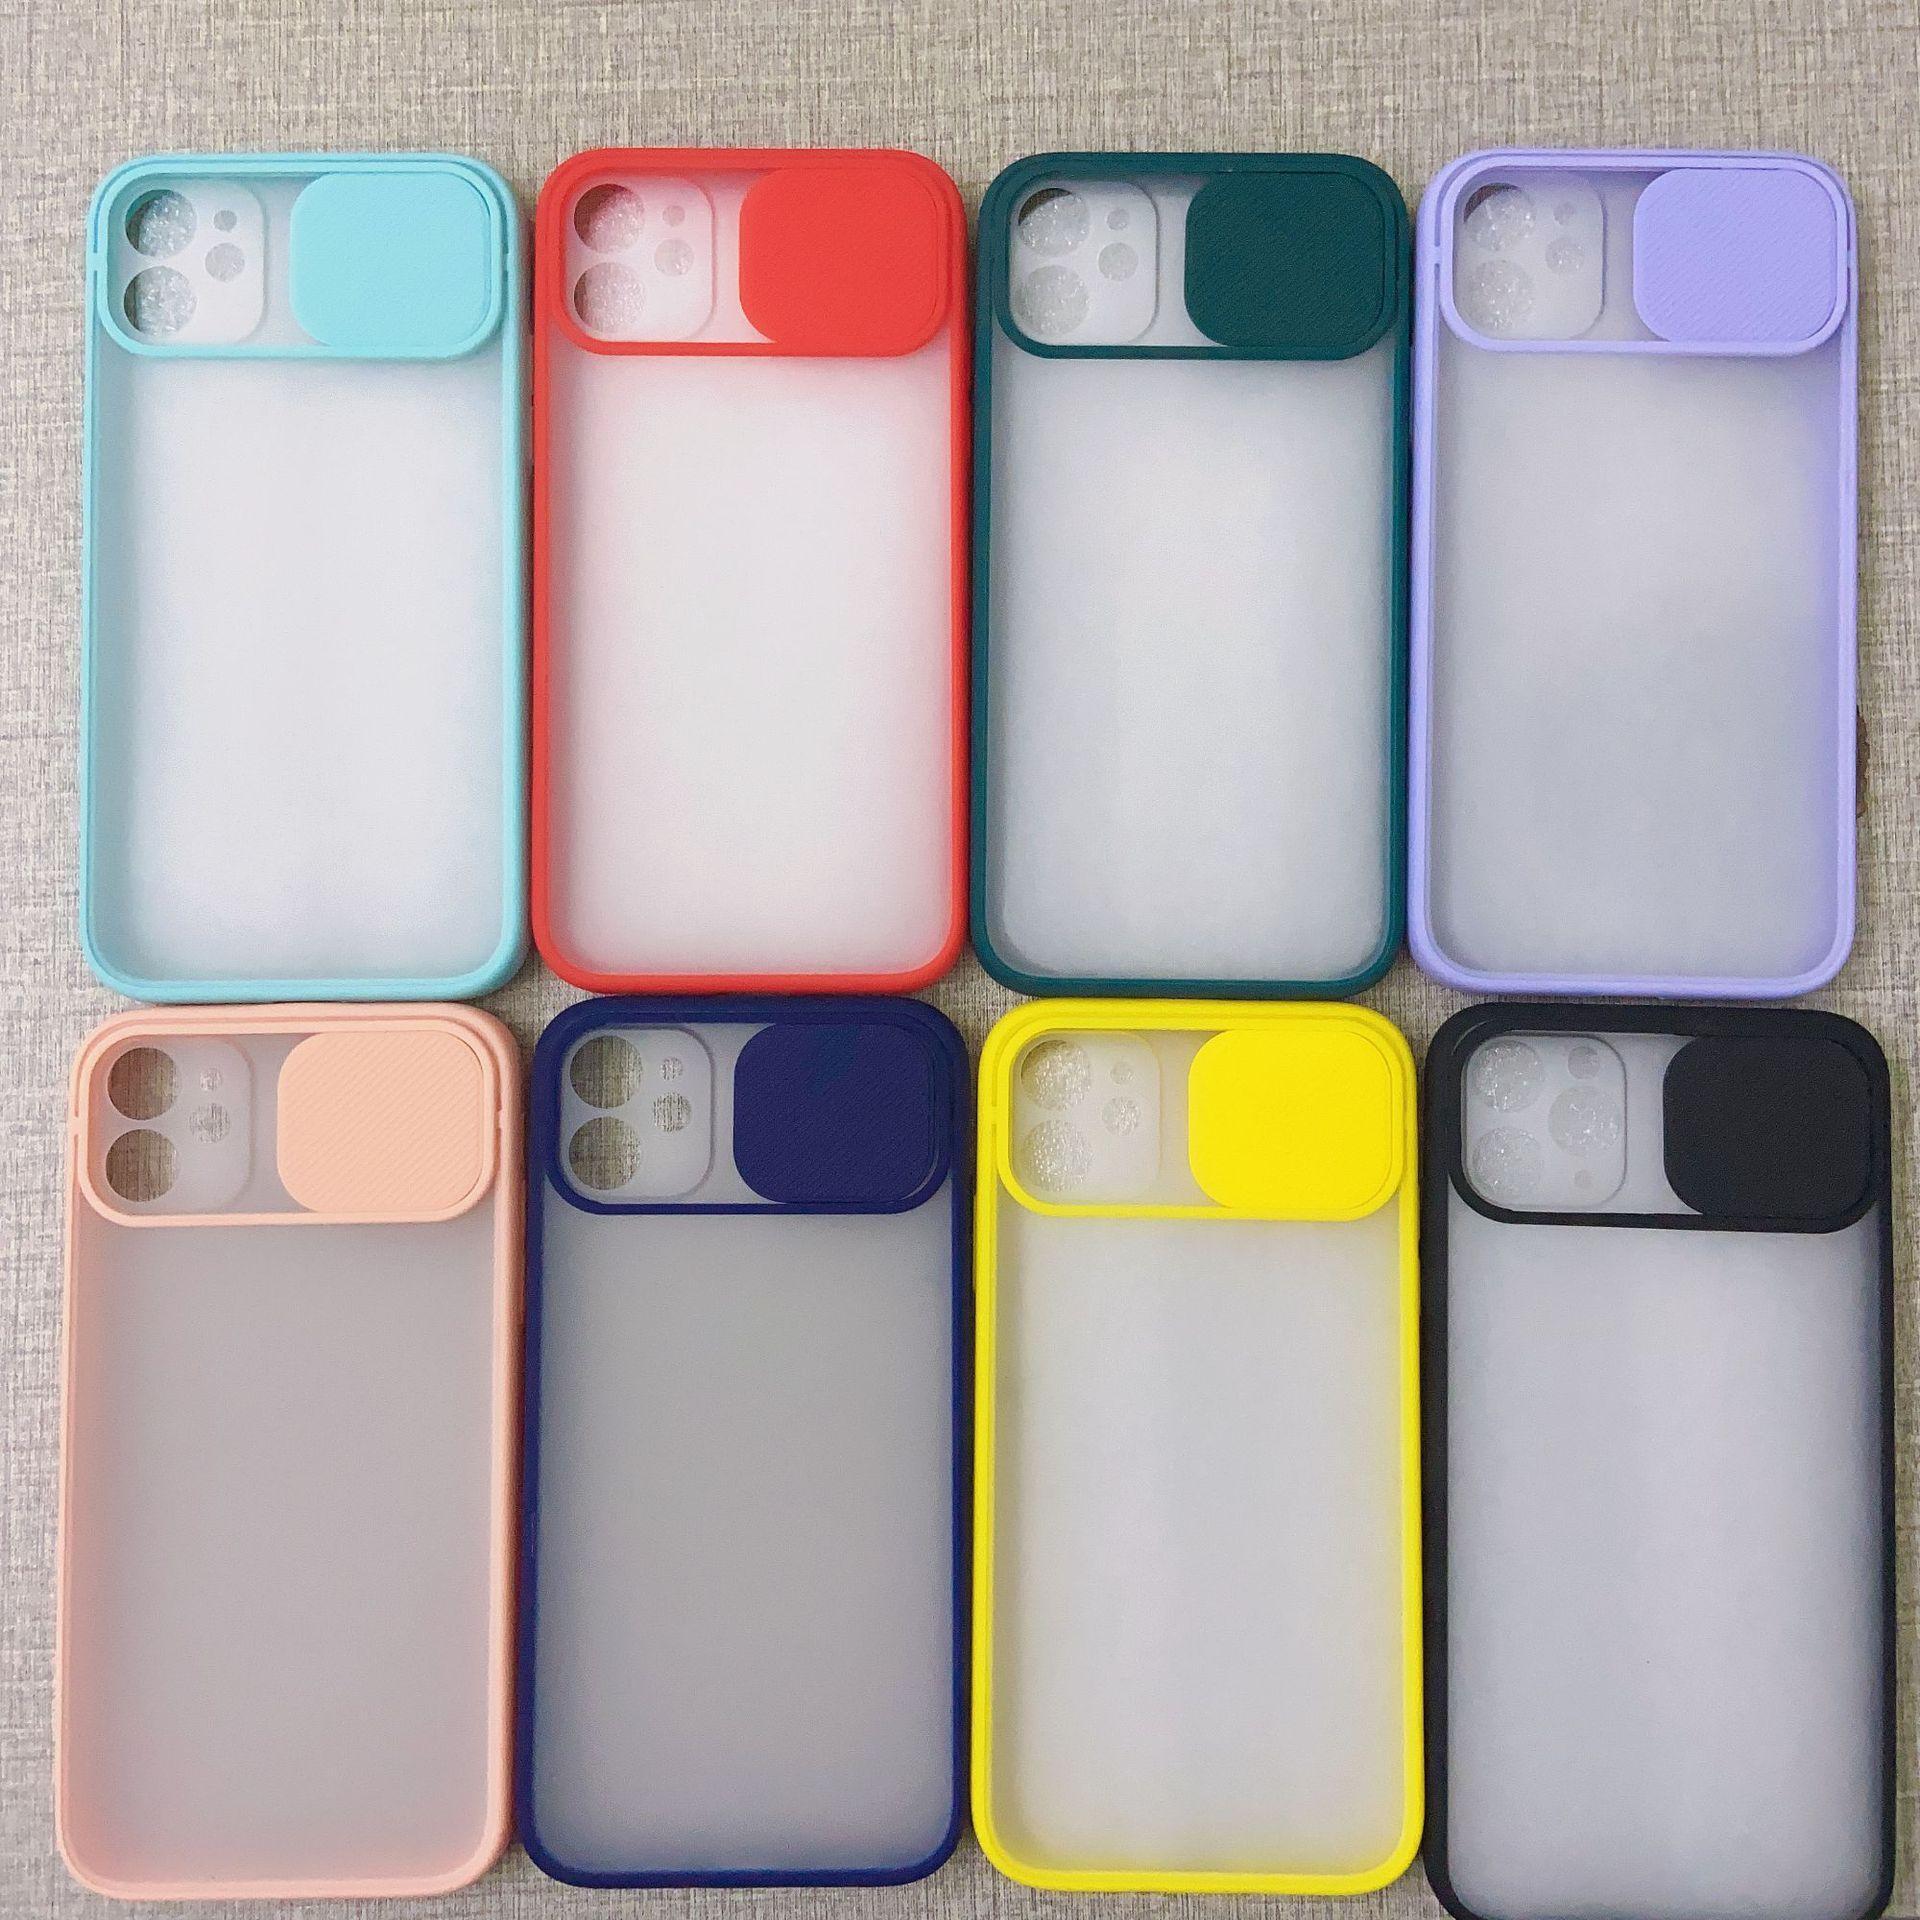 Чехол для телефона для iPhone X XR XS MAX 11 PRO 7 8 PLUS COLOR Soft TPU защита камеры